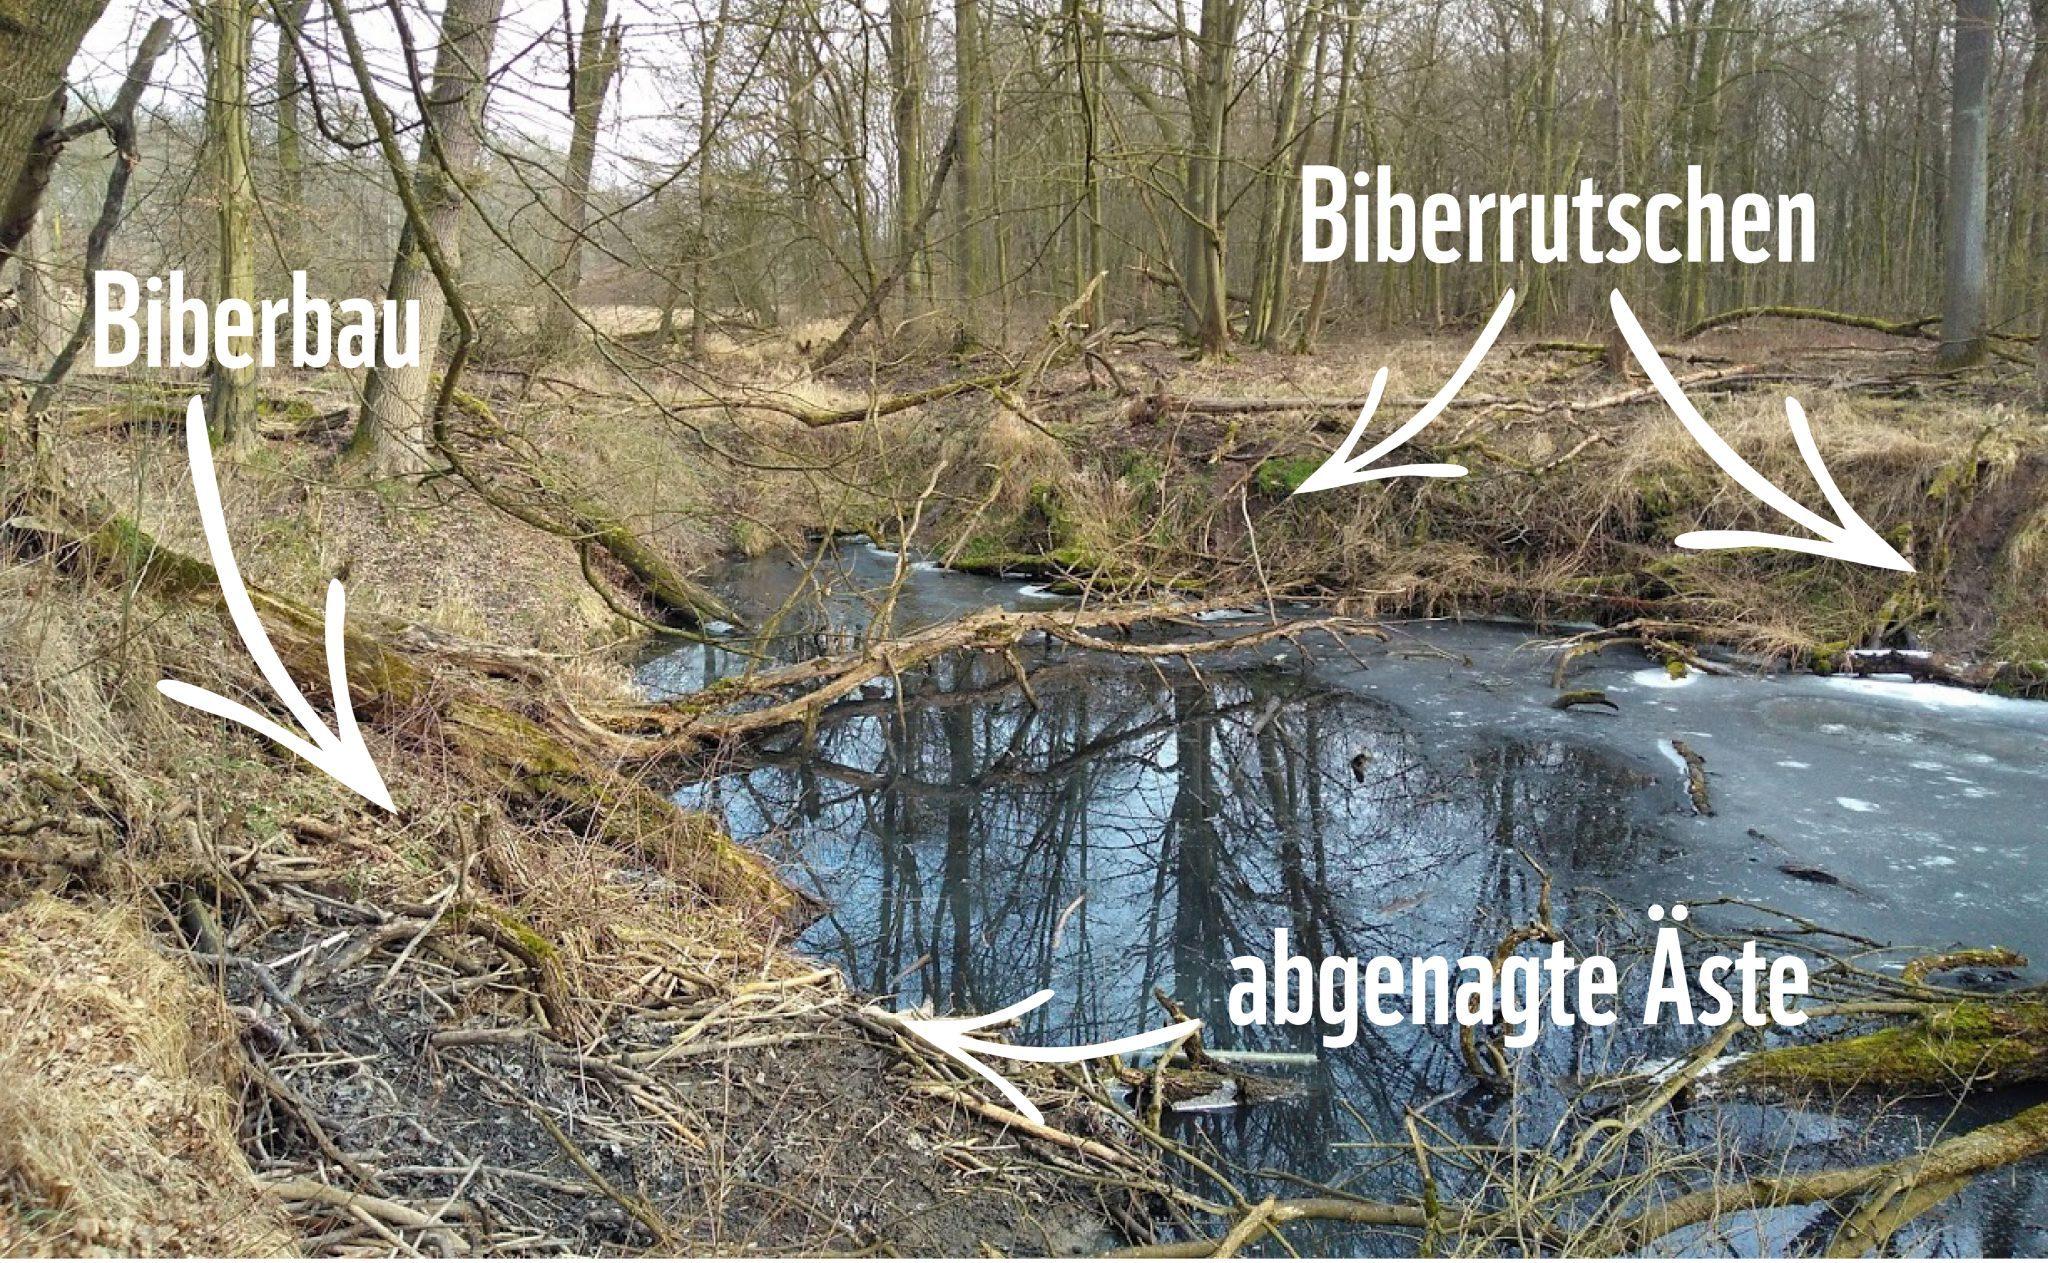 Ein Biberbau mit abgenagten Ästen und Biberrutschen an der Mittleren Elbe © Anne Lewerentz /WWF